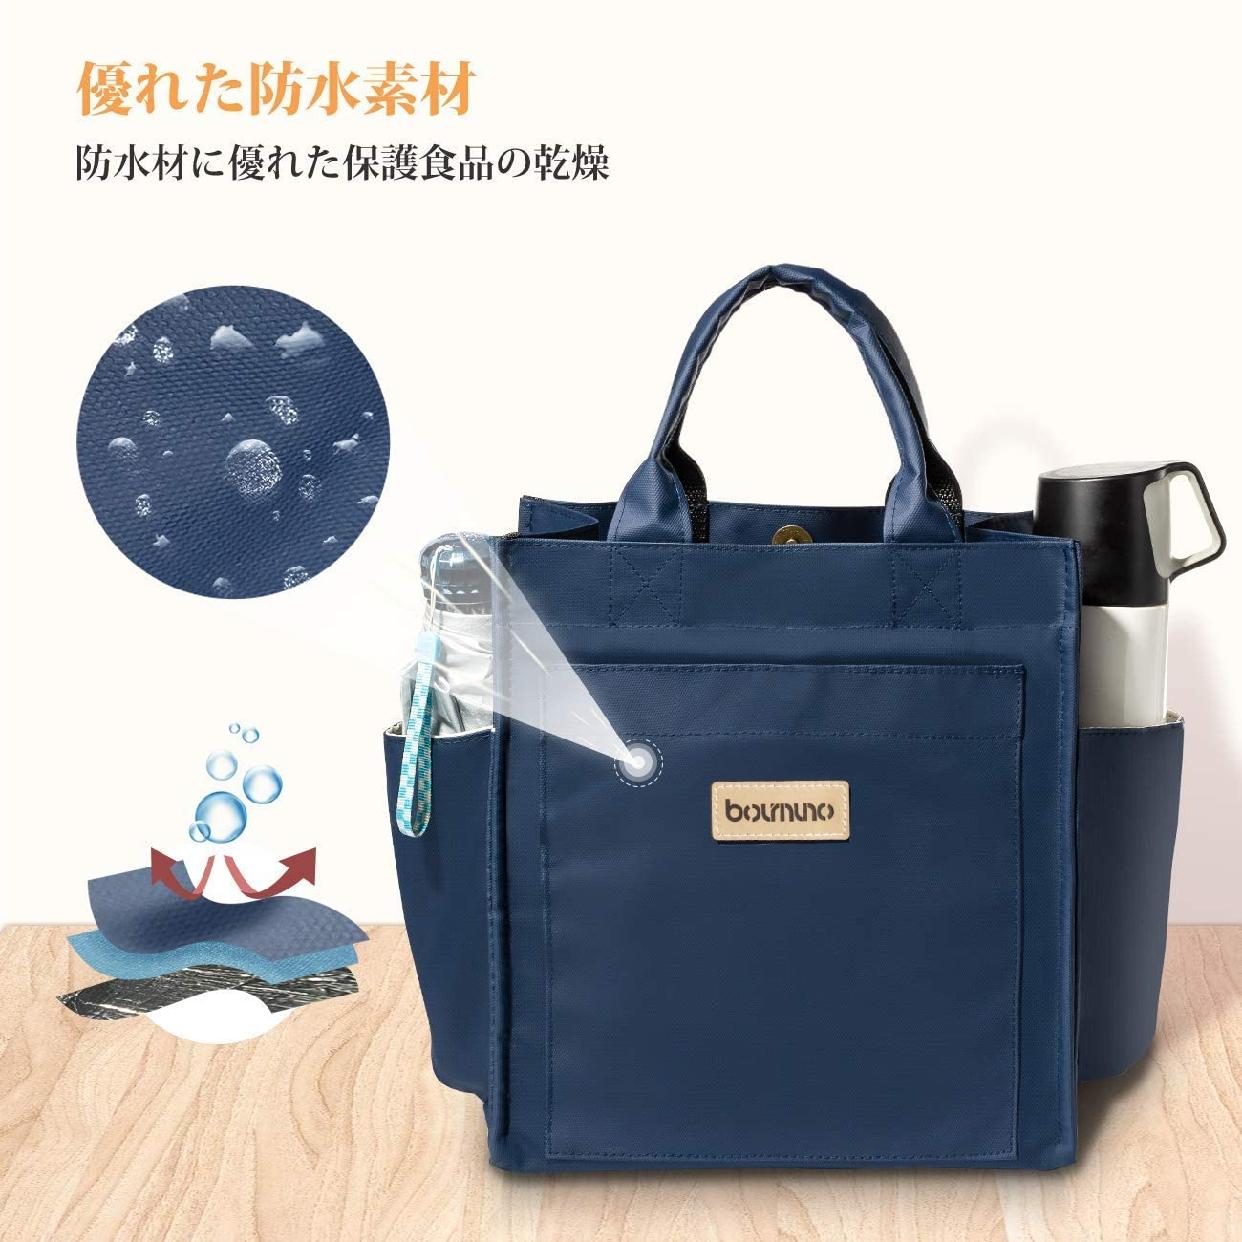 Boumuno(ボウムノ)ランチバッグ ブルーの商品画像4